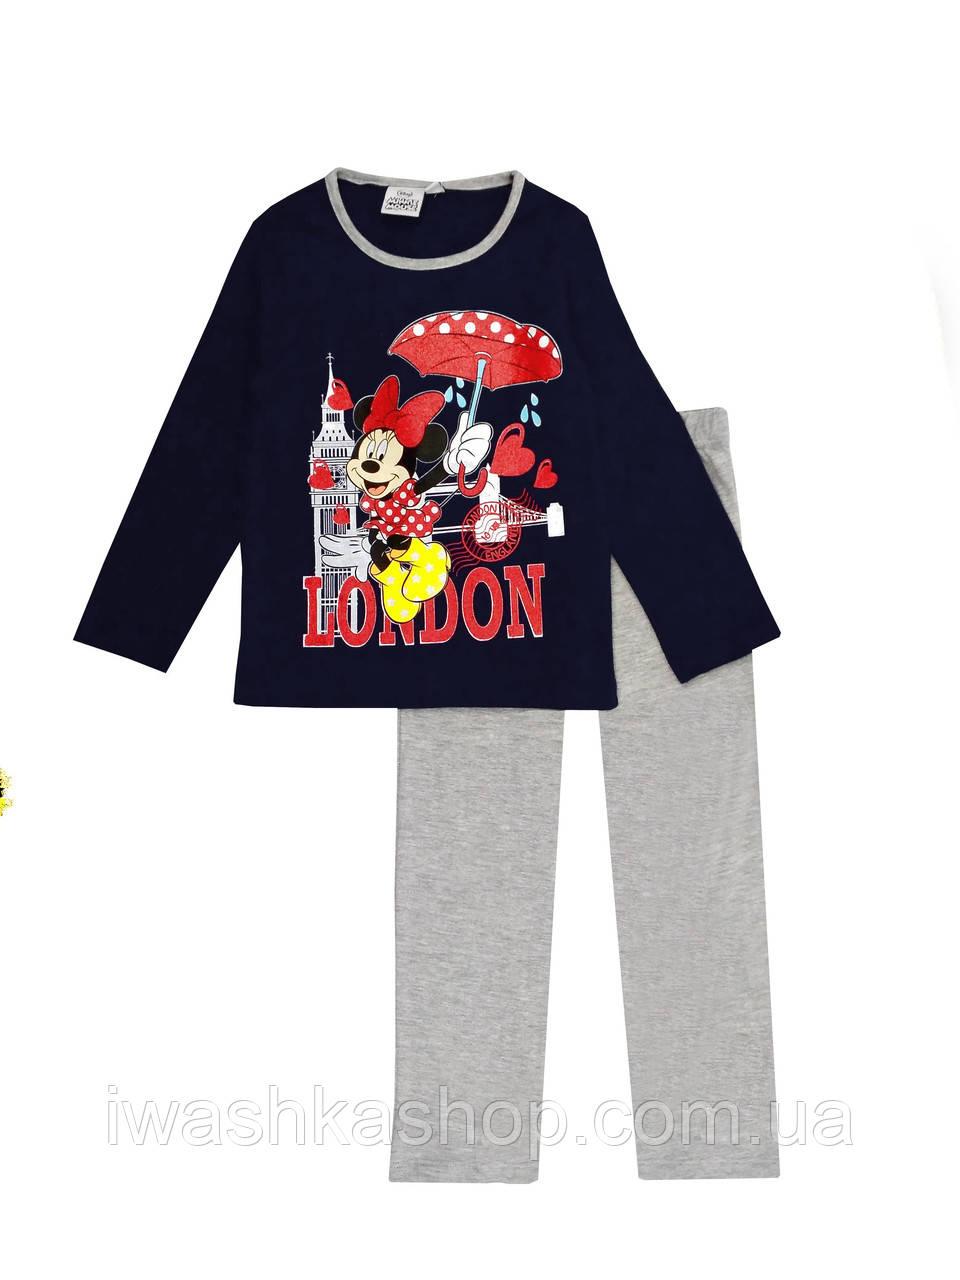 Хлопковая пижама со штанами и длинными рукавами Минни Маус на девочек 4 лет, р. 104, Disney